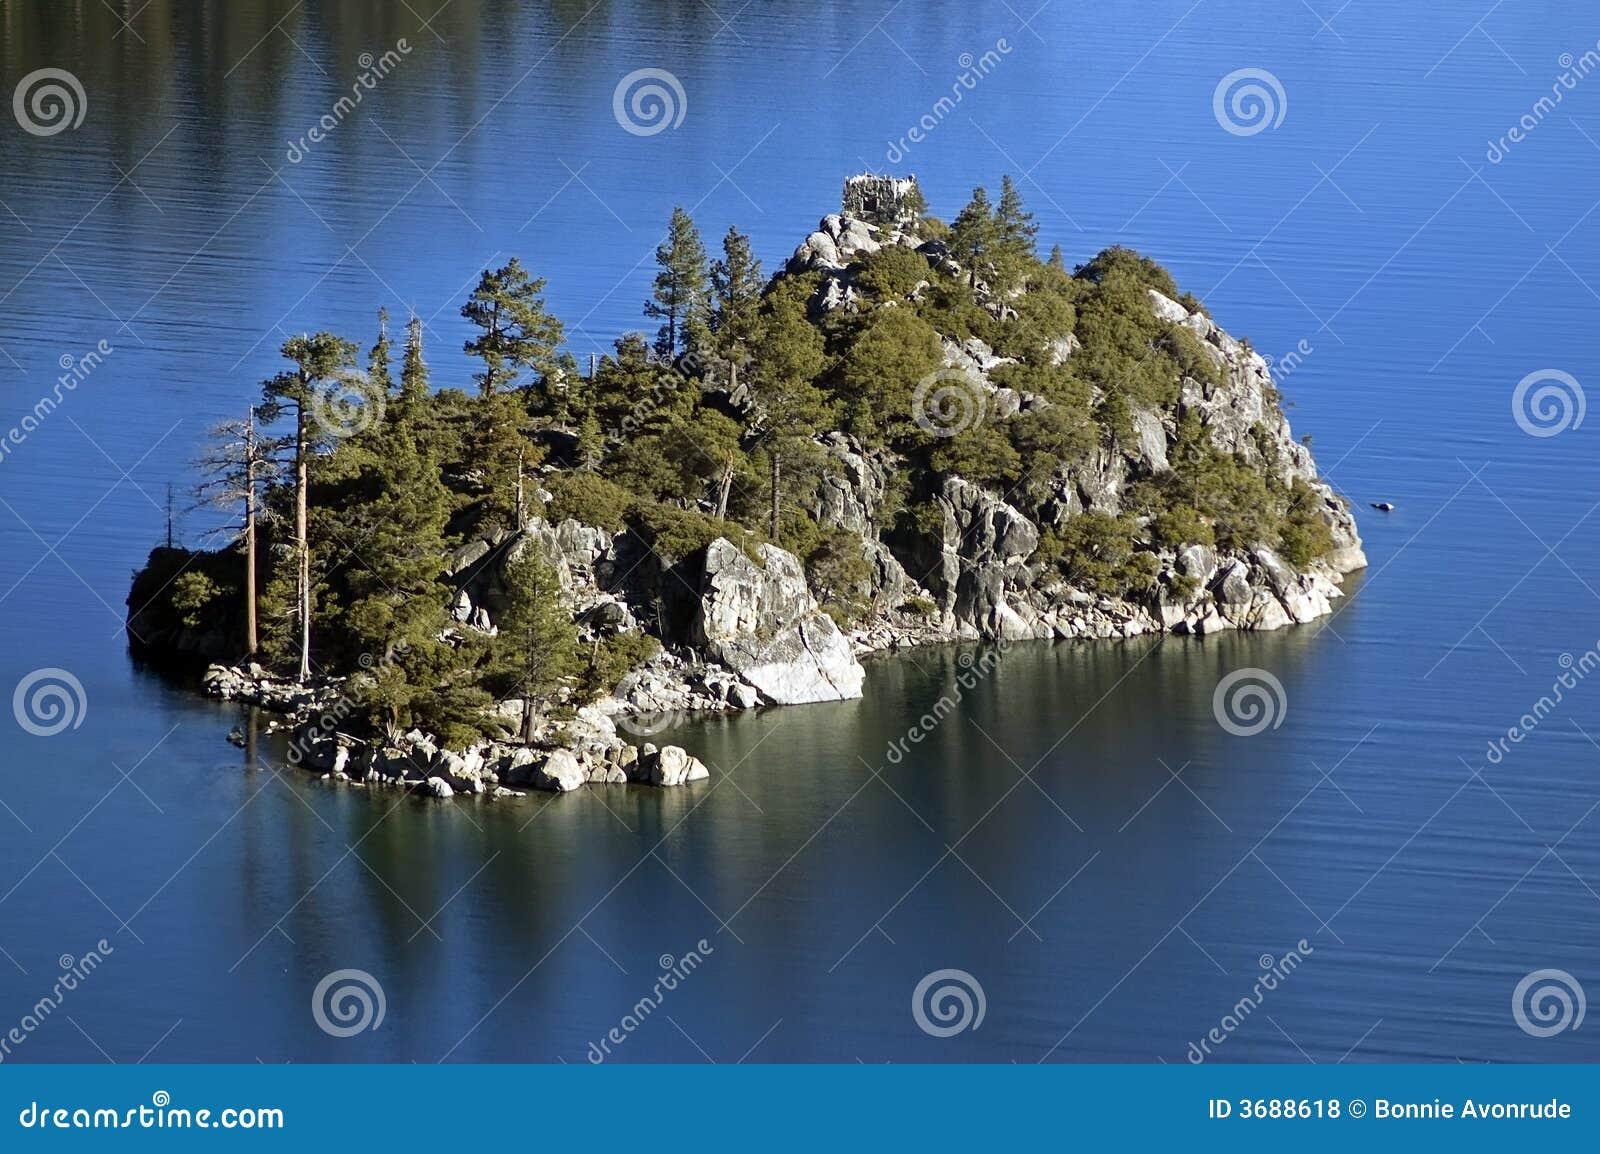 Isola verde smeraldo di fannette della baia del lake tahoe for Animali domestici della cabina del lake tahoe